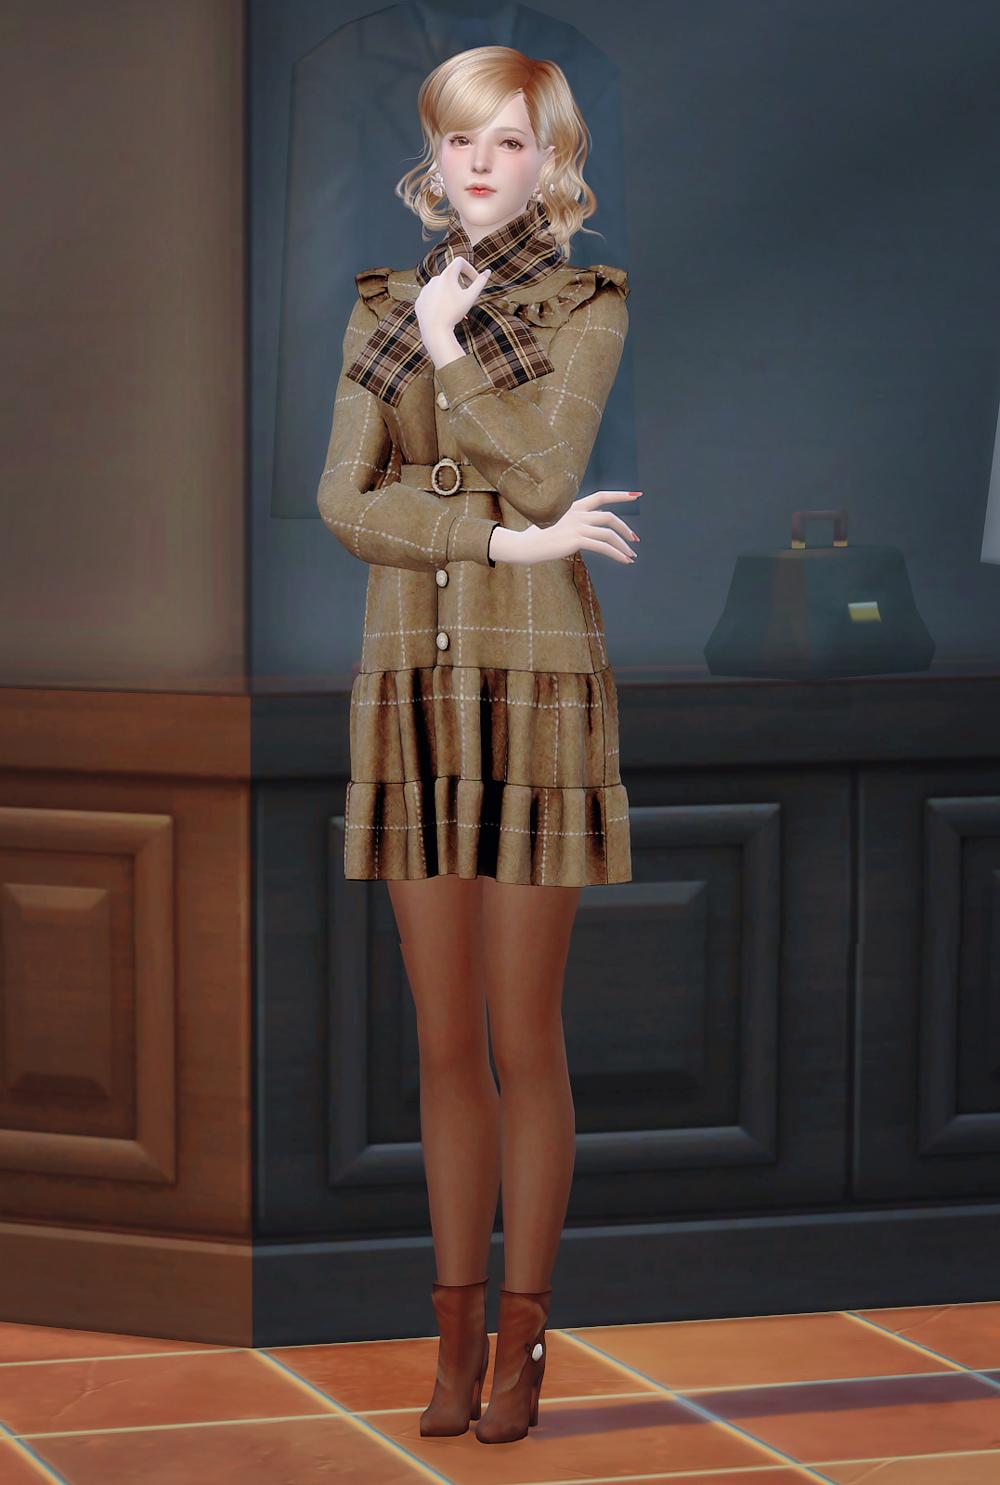 薇琪愛玩耍: The Sims 4 - 艾瑪 Emma(download)